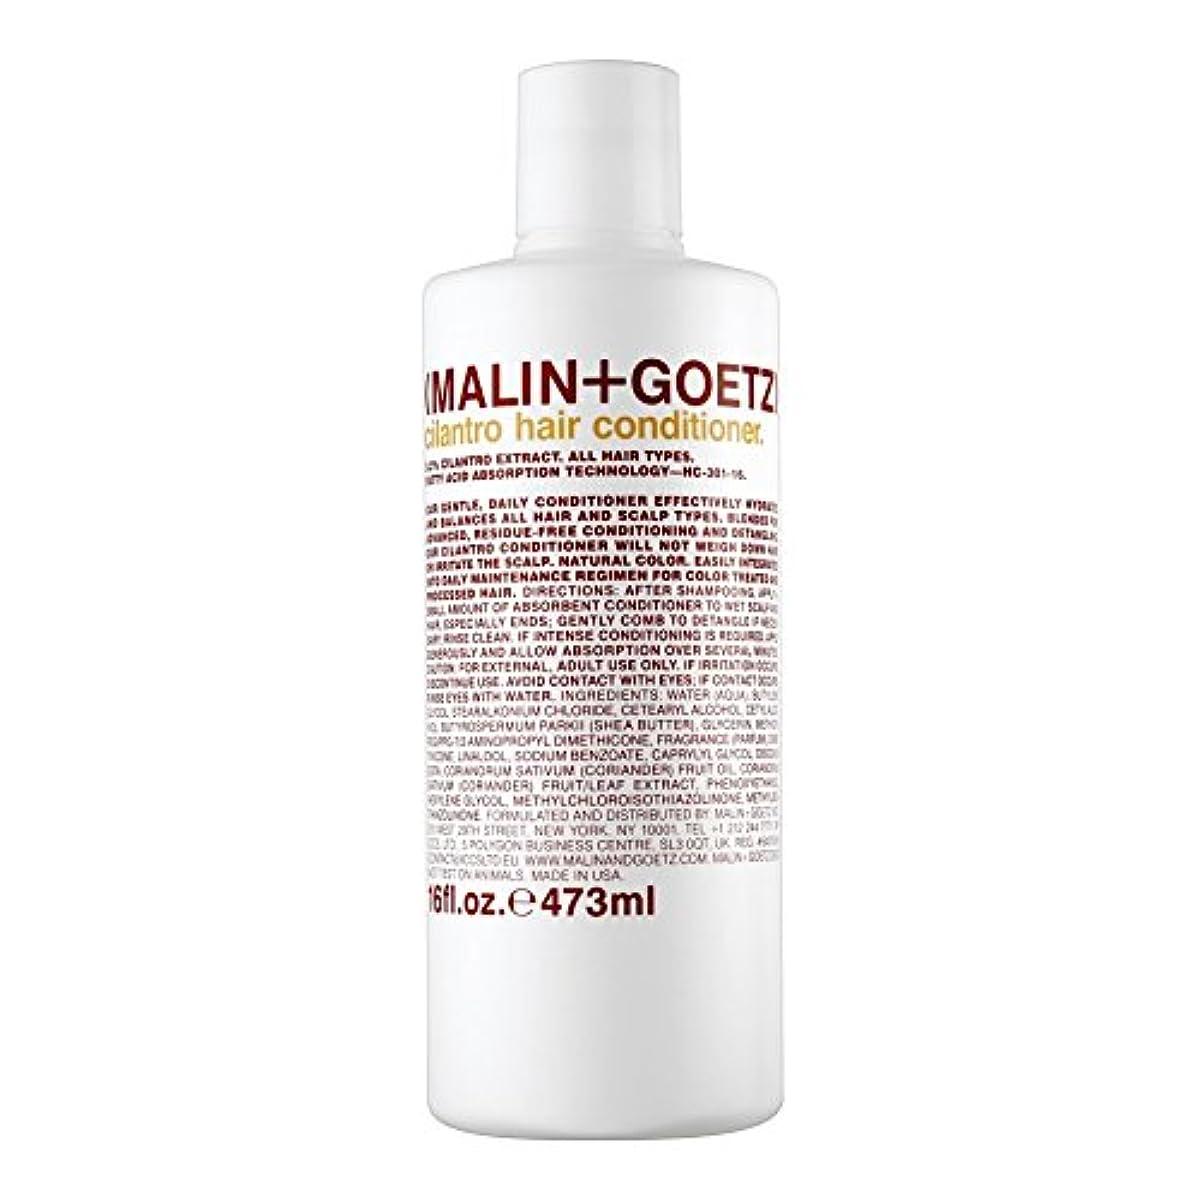 ケント混乱させる見積りマリン+ゲッツコリアンダーのヘアコンディショナー473ミリリットル x2 - MALIN+GOETZ Cilantro Hair Conditioner 473ml (Pack of 2) [並行輸入品]